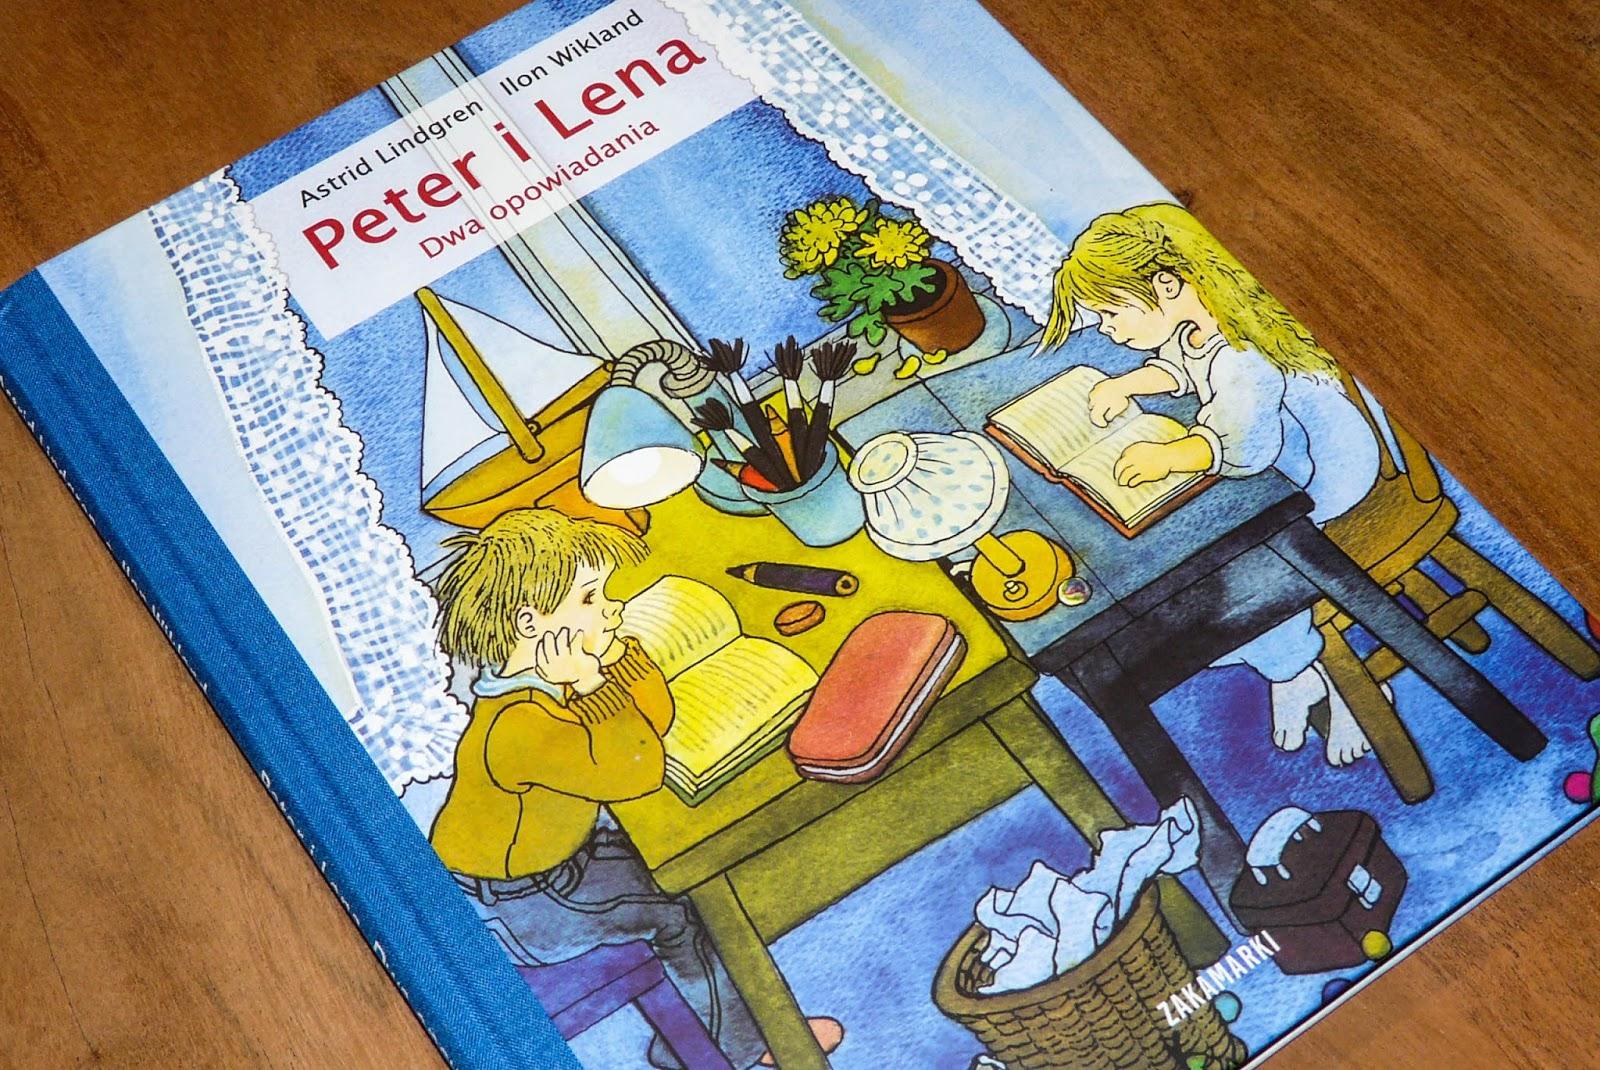 Mniej Znane Opowiadania Astrid Lindgren Kt³re Naprawdę Warto Poznać